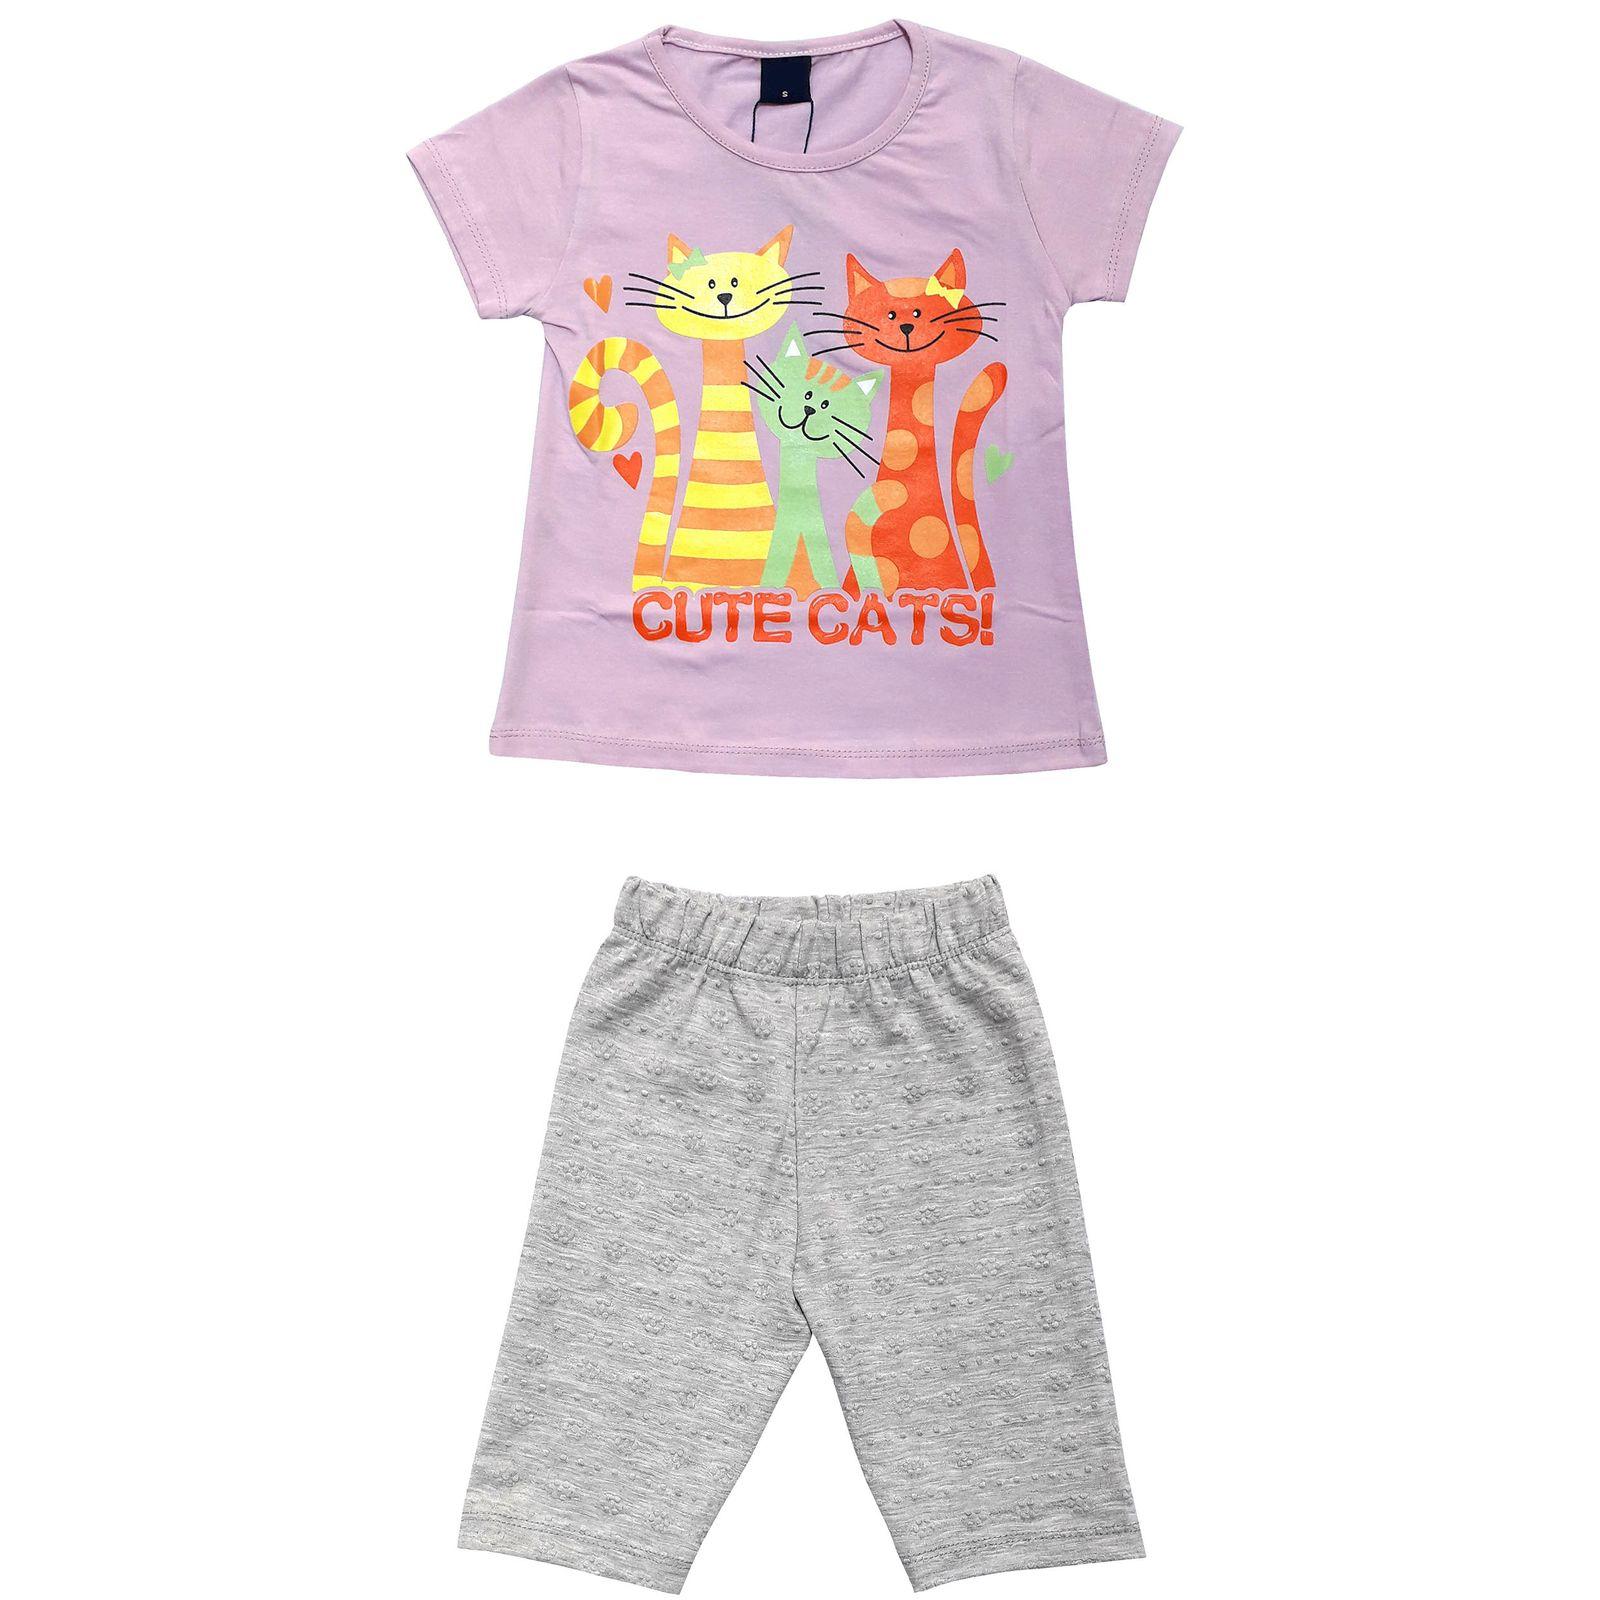 ست تی شرت و شلوارک دخترانه کد 7787924 -  - 2